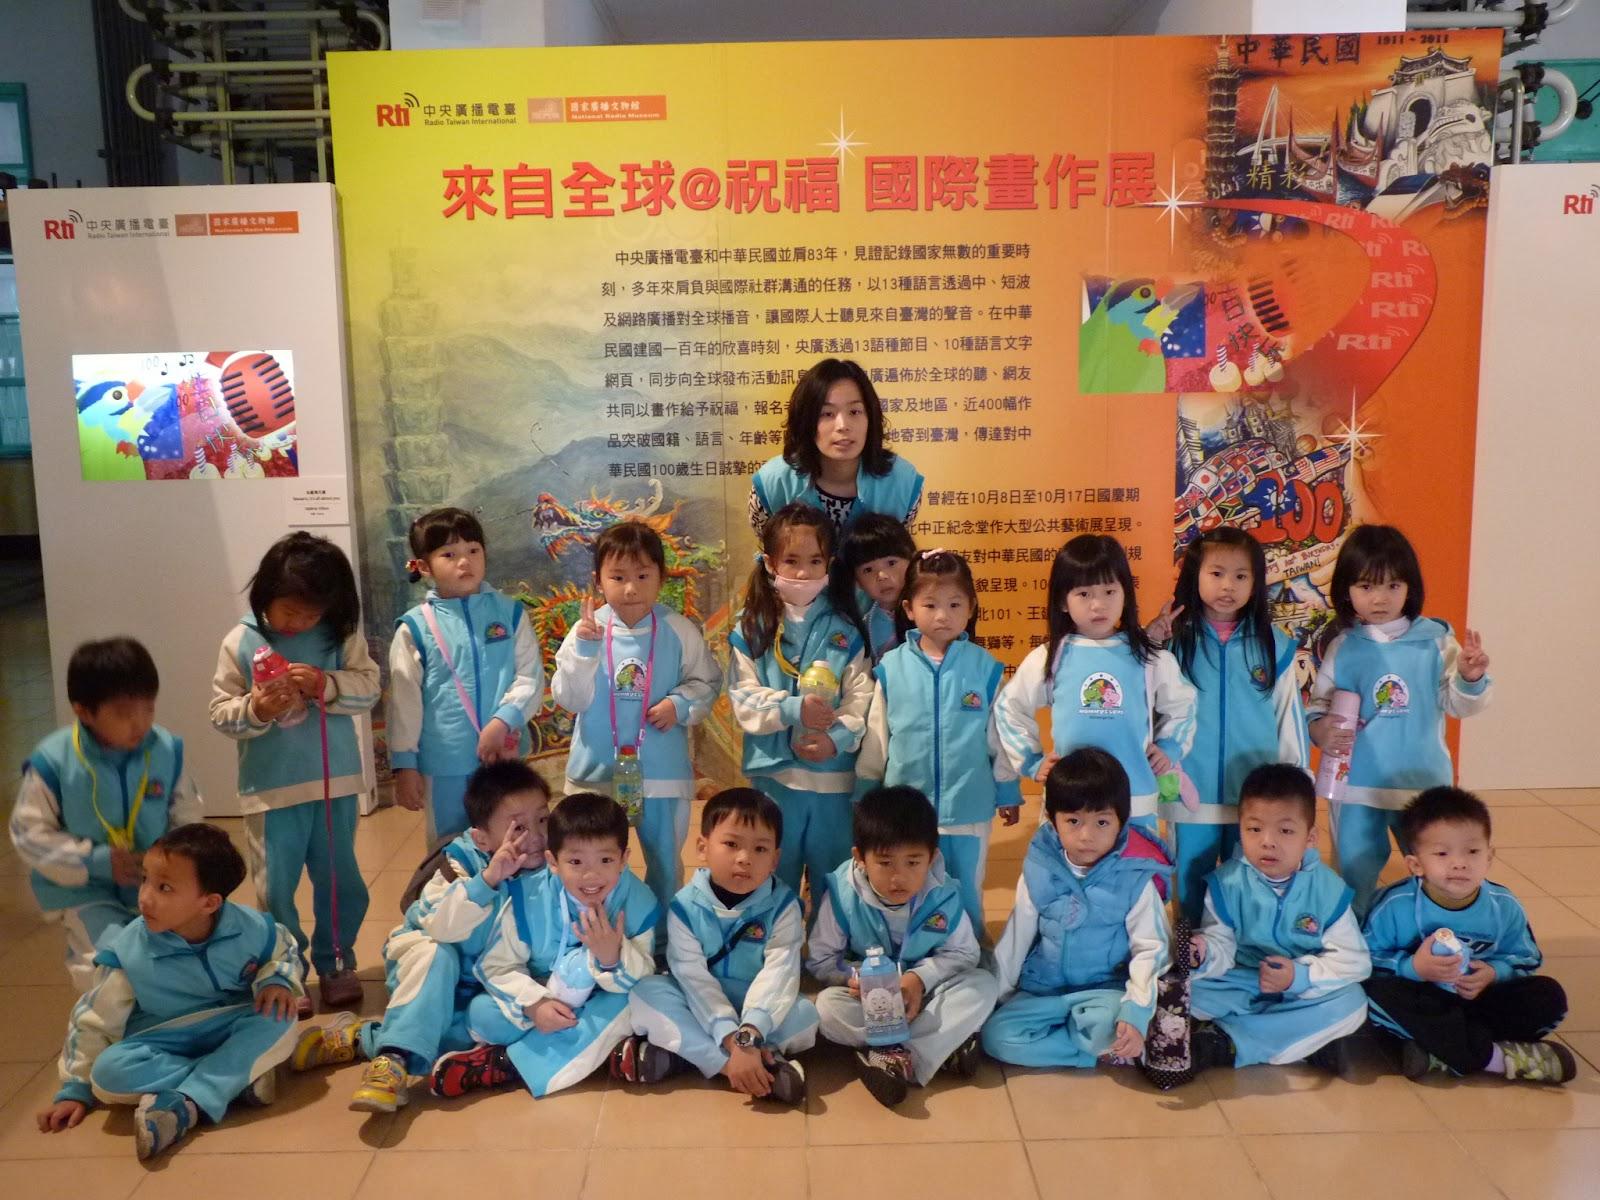 國家廣播文物館: 101.03.03:麥米羅幼兒園 參訪